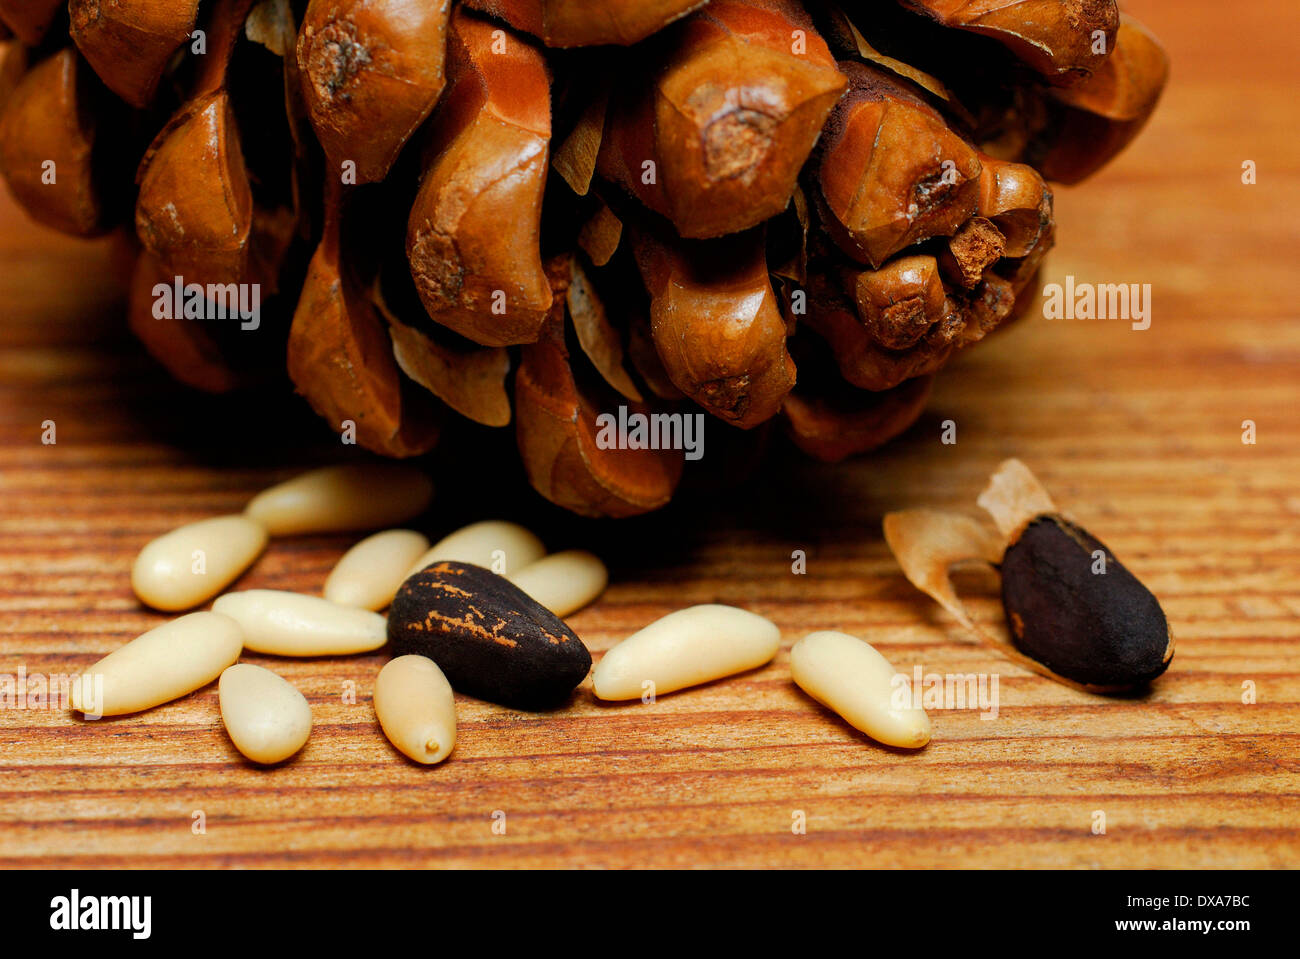 Pine nut - Stock Image